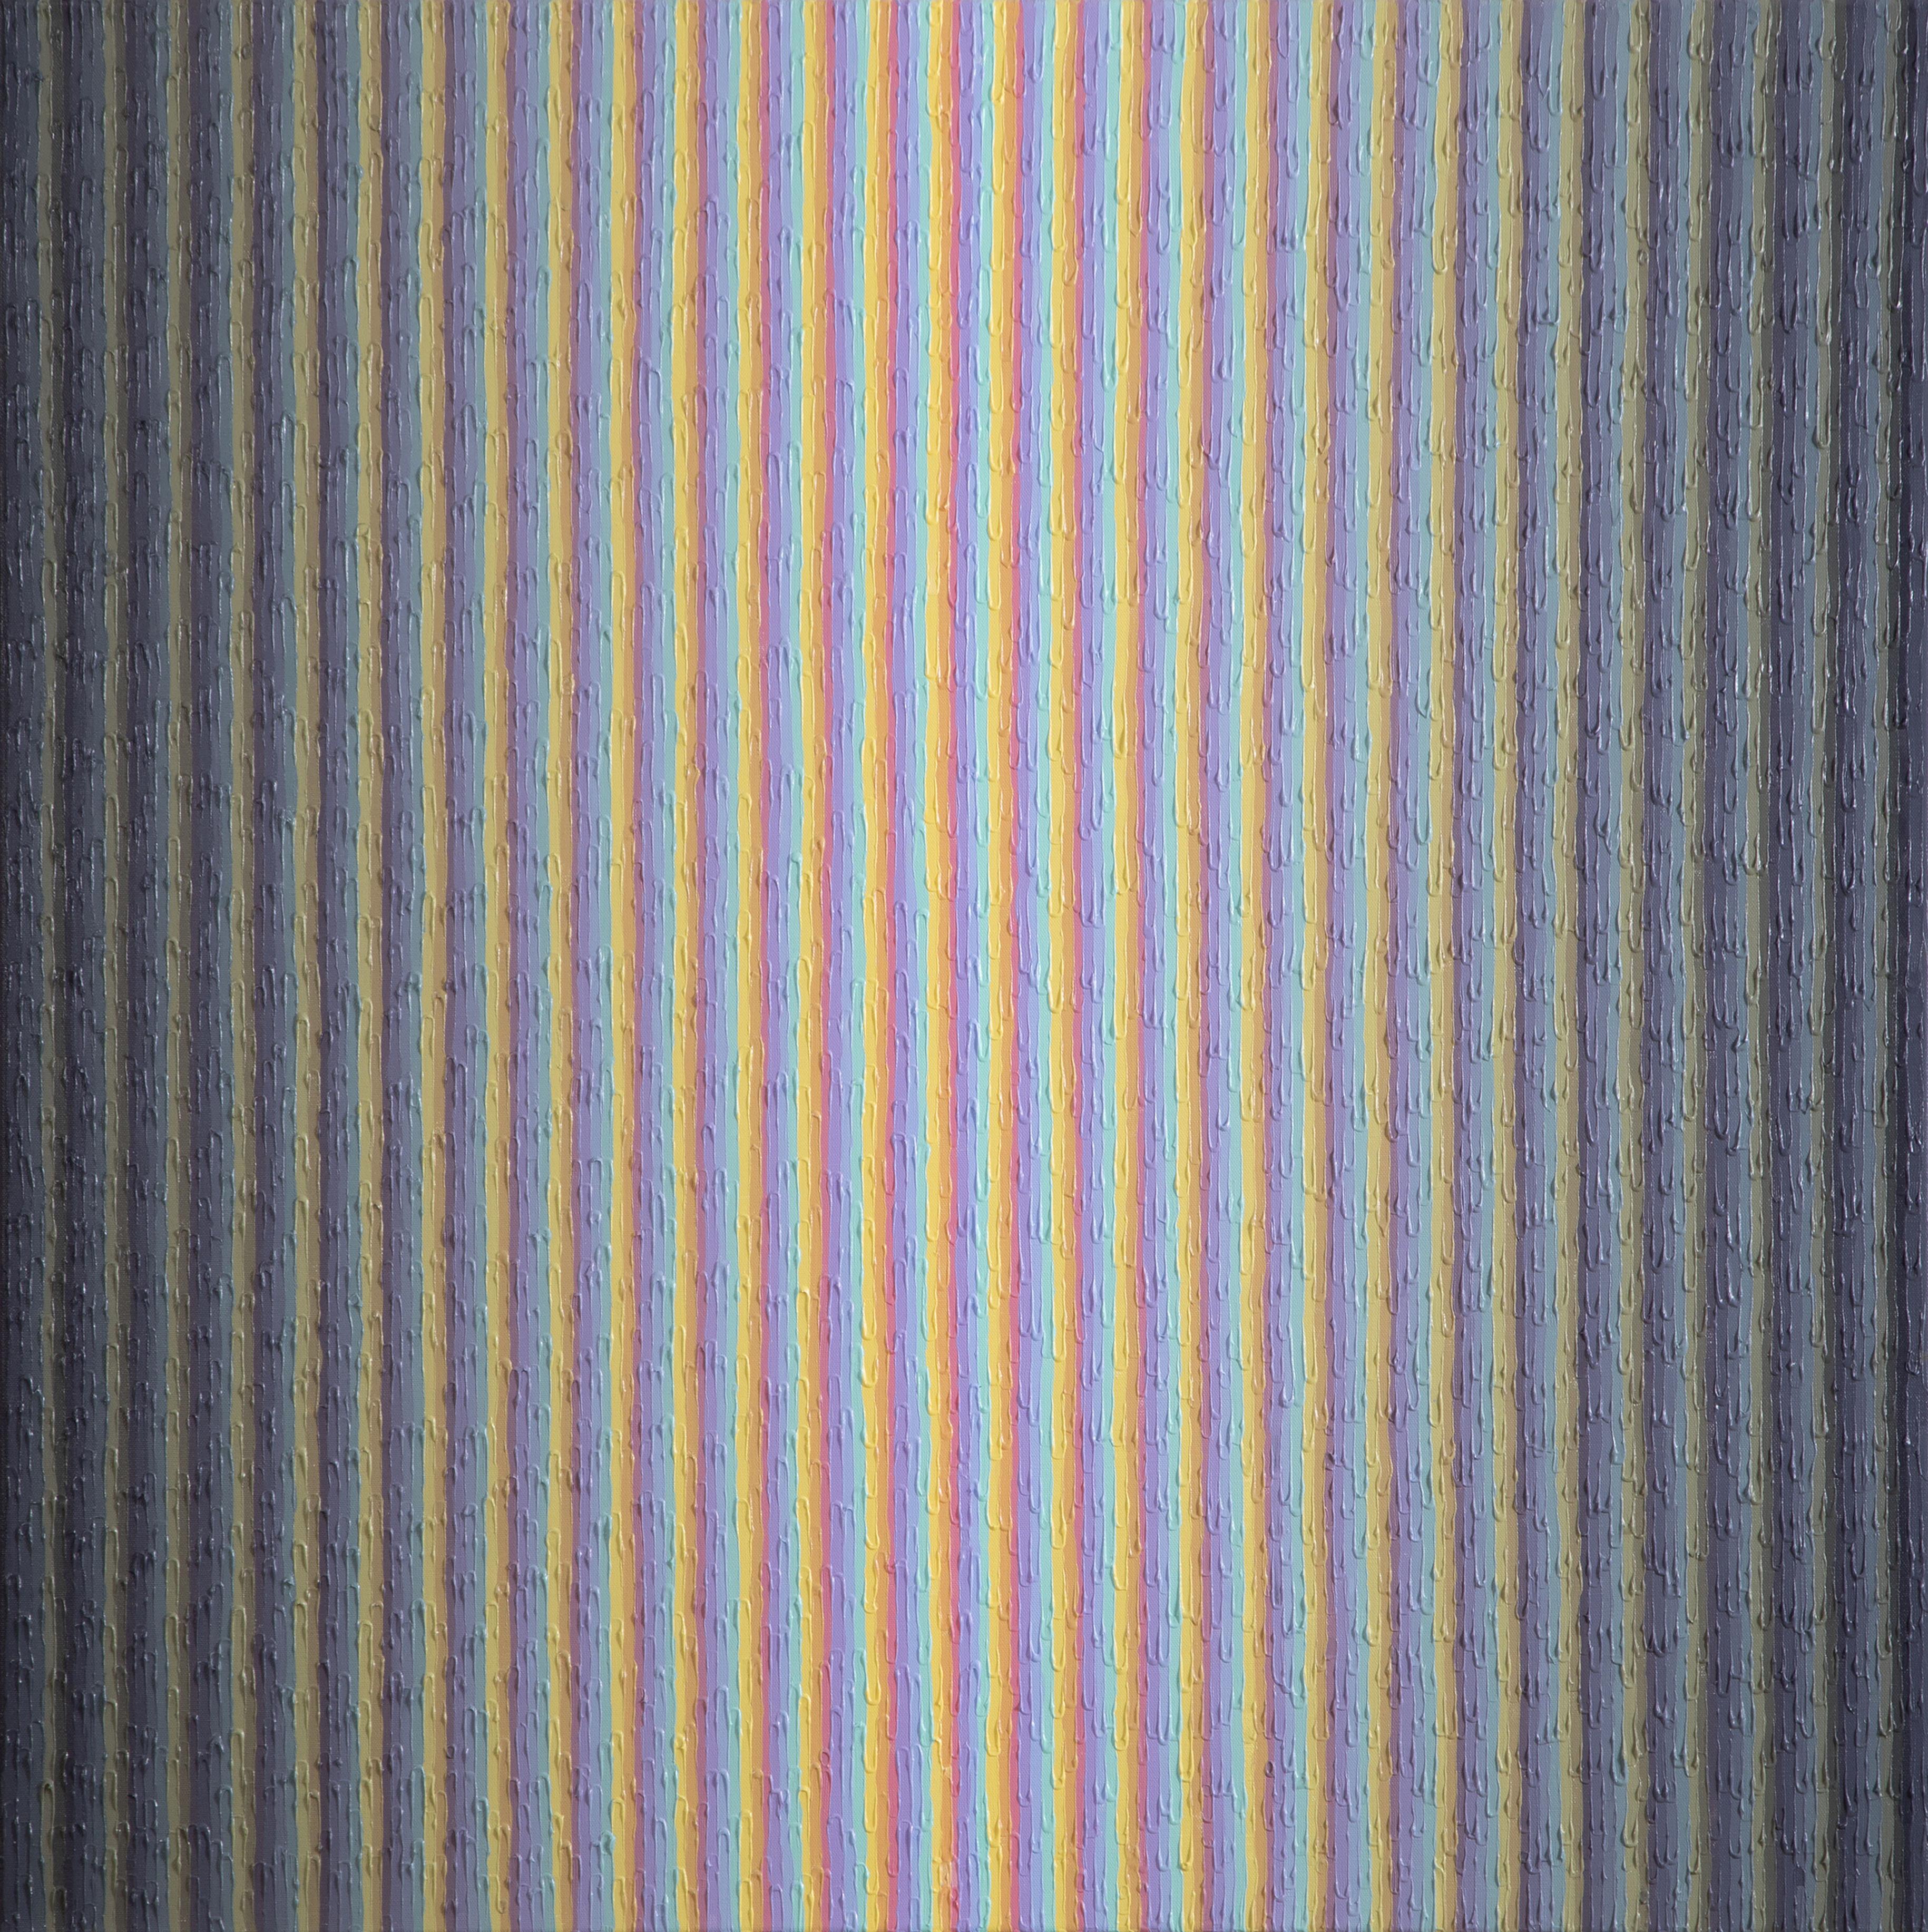 """Brianna Bass, Shadow Map II, Acrylic paint on canvas, 36"""" x 36"""", 2019"""